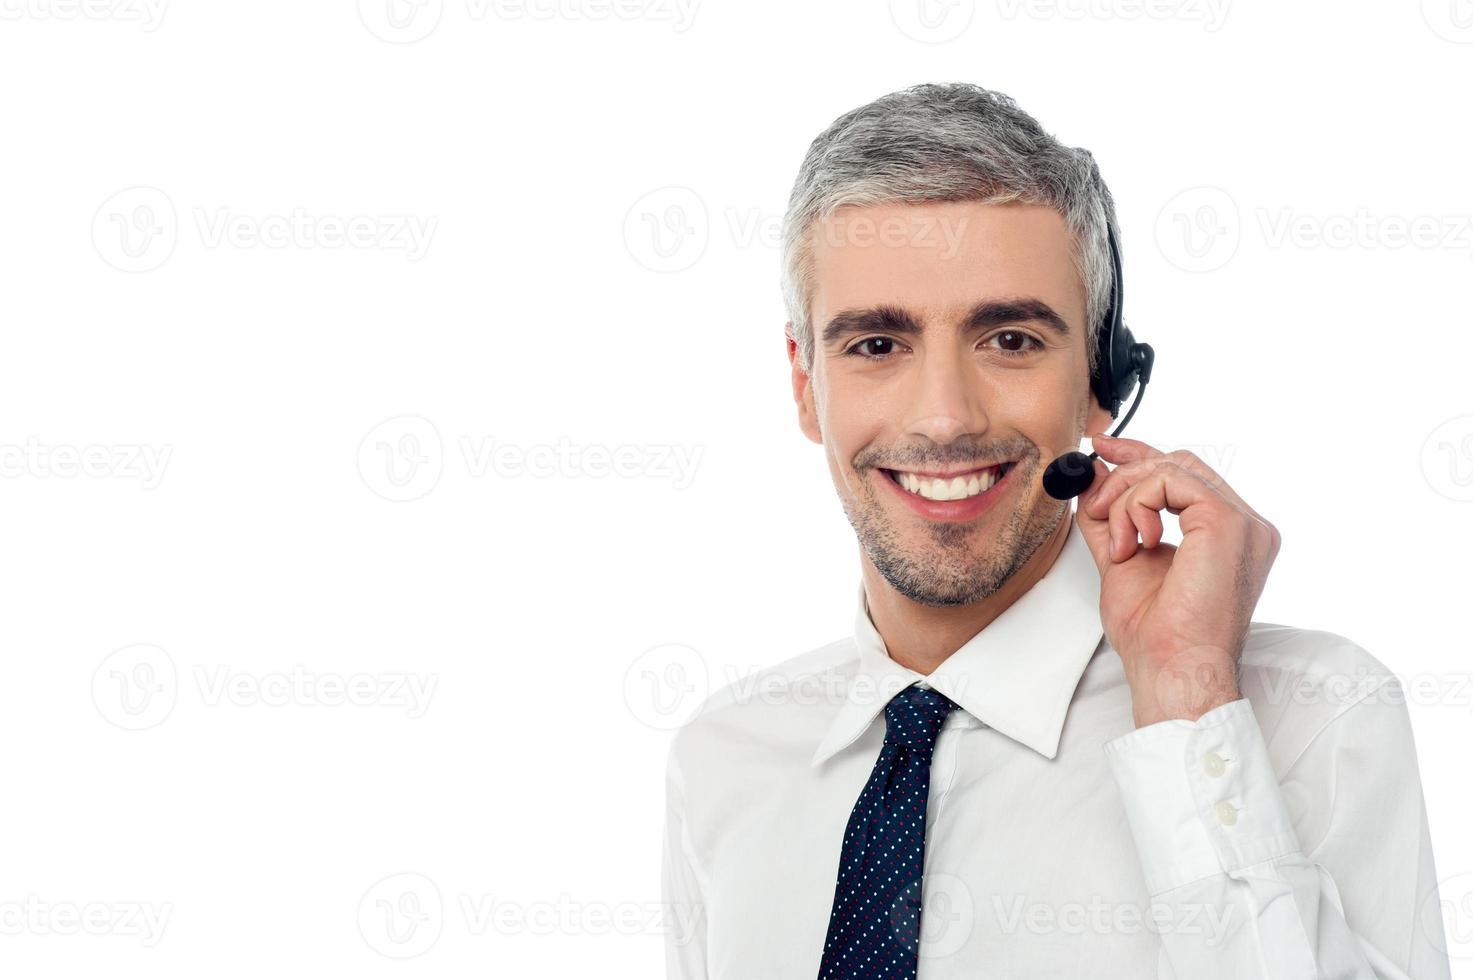 executivo de suporte ao cliente sorridente foto